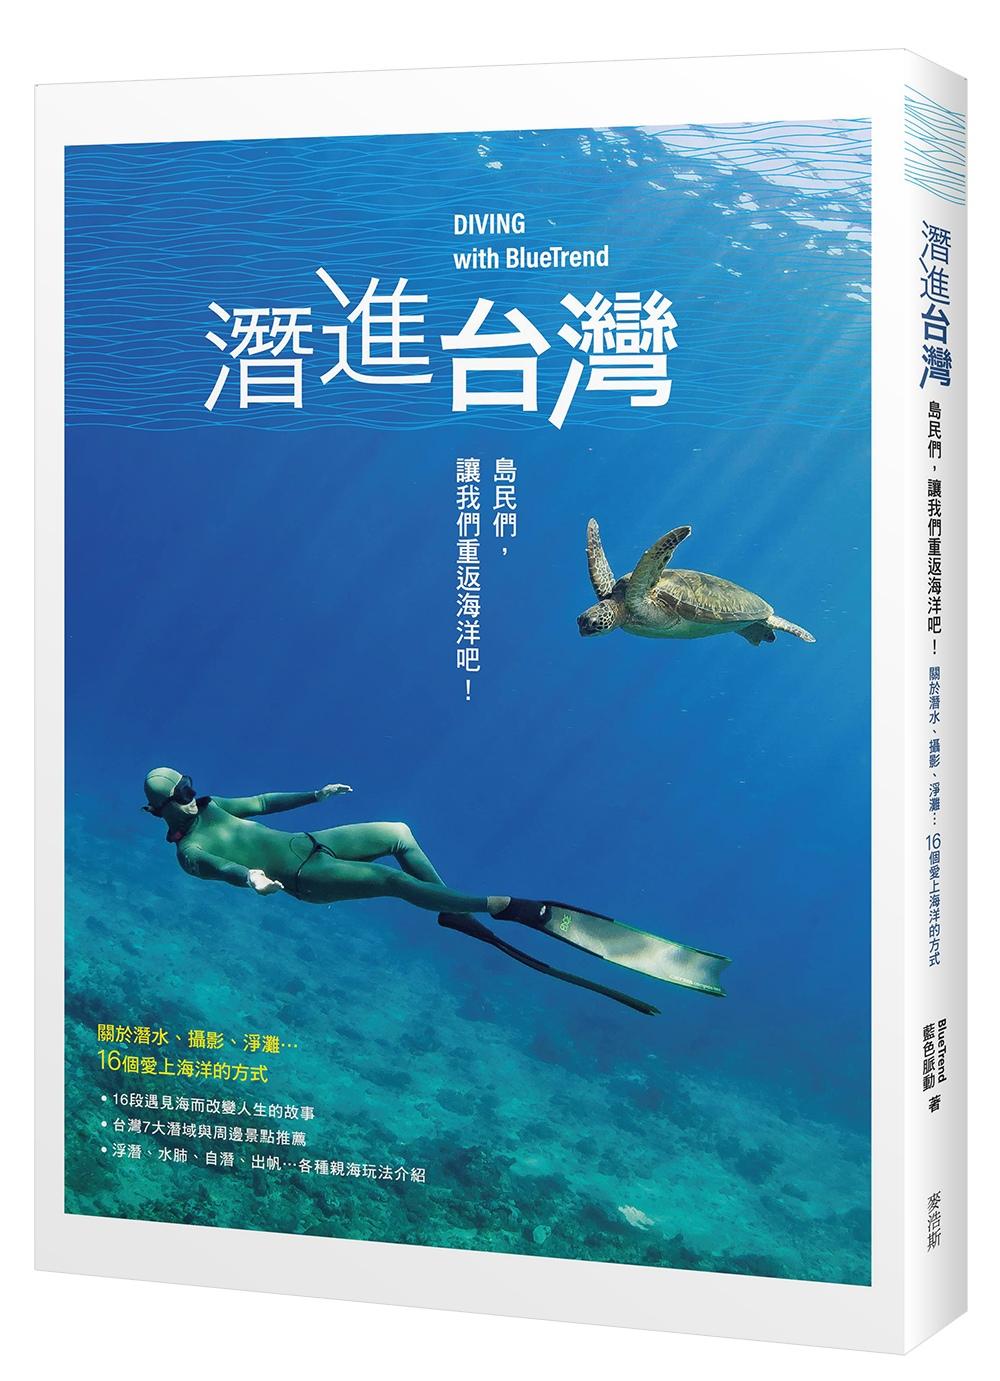 潛進台灣:島民們,讓我們重返海洋吧!關於潛水、攝影、淨灘…16個愛上海洋的方式